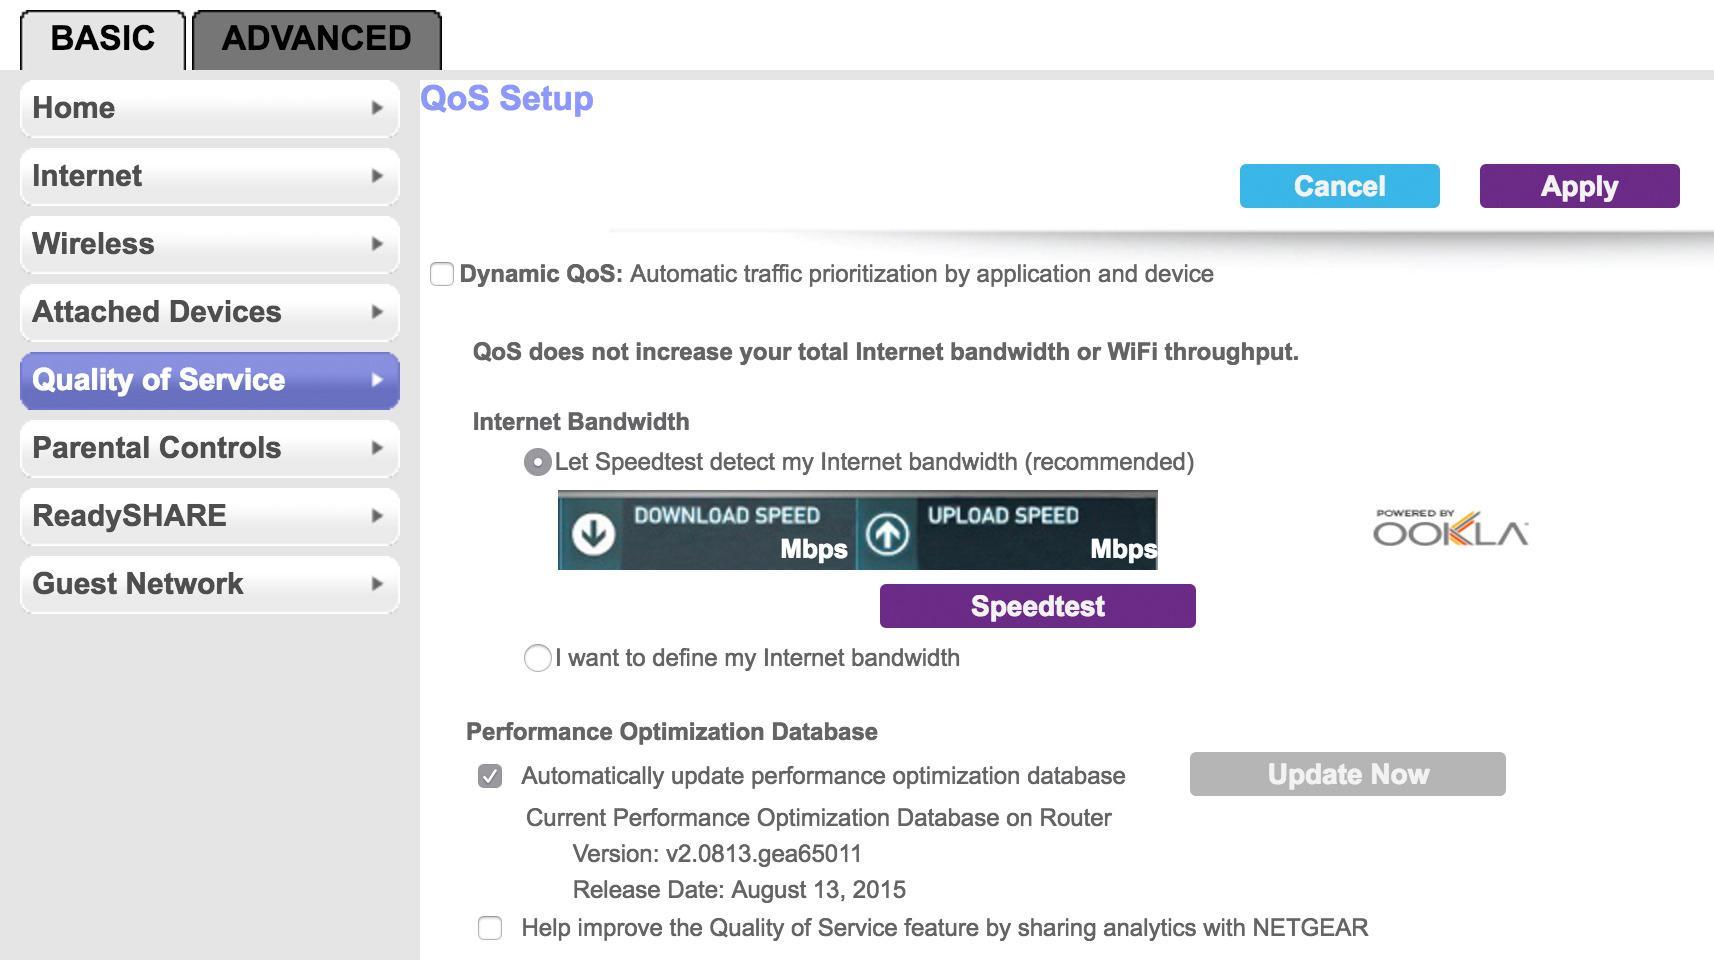 Brukergrensesnittet er forholdsvis enkelt og greit. Her settes QoS opp, slik at trafikken i nettet prioriteres.